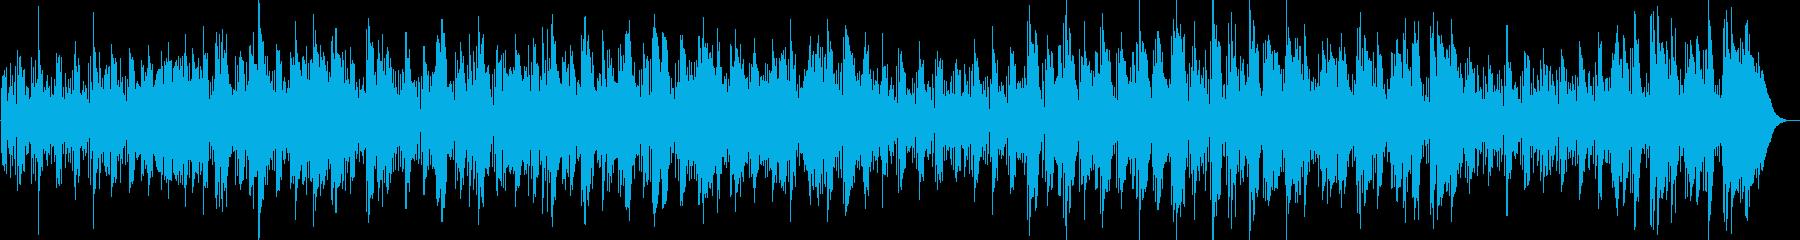 明るく爽やかなサックスか奏でる曲の再生済みの波形